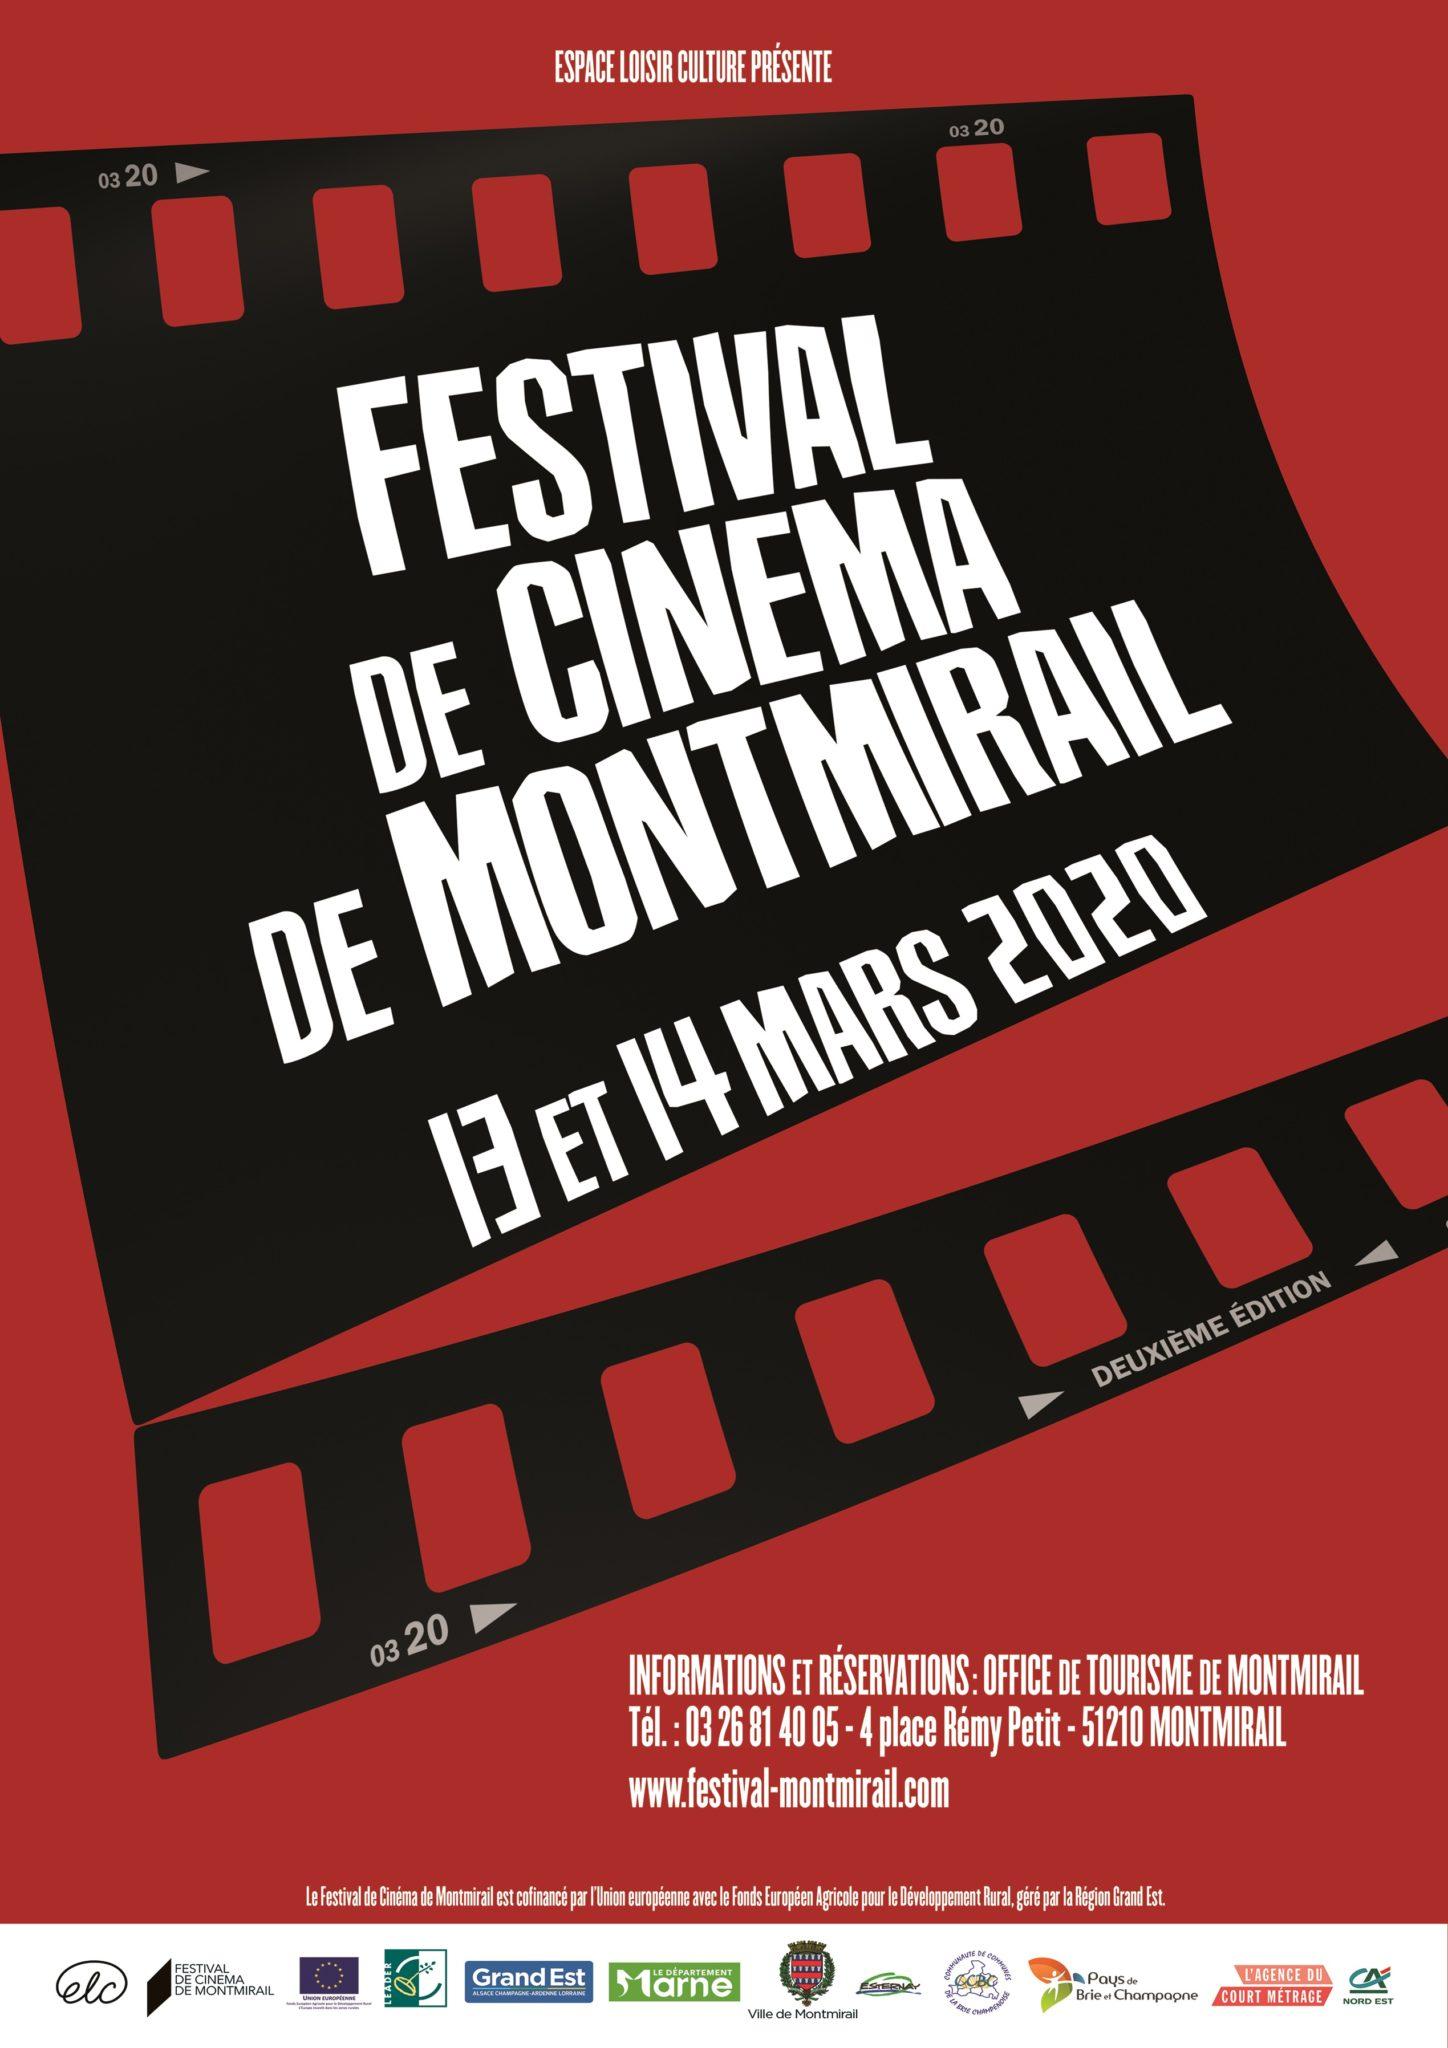 AFFICHE FESTIVAL de Cinéma de Montmirail 2020